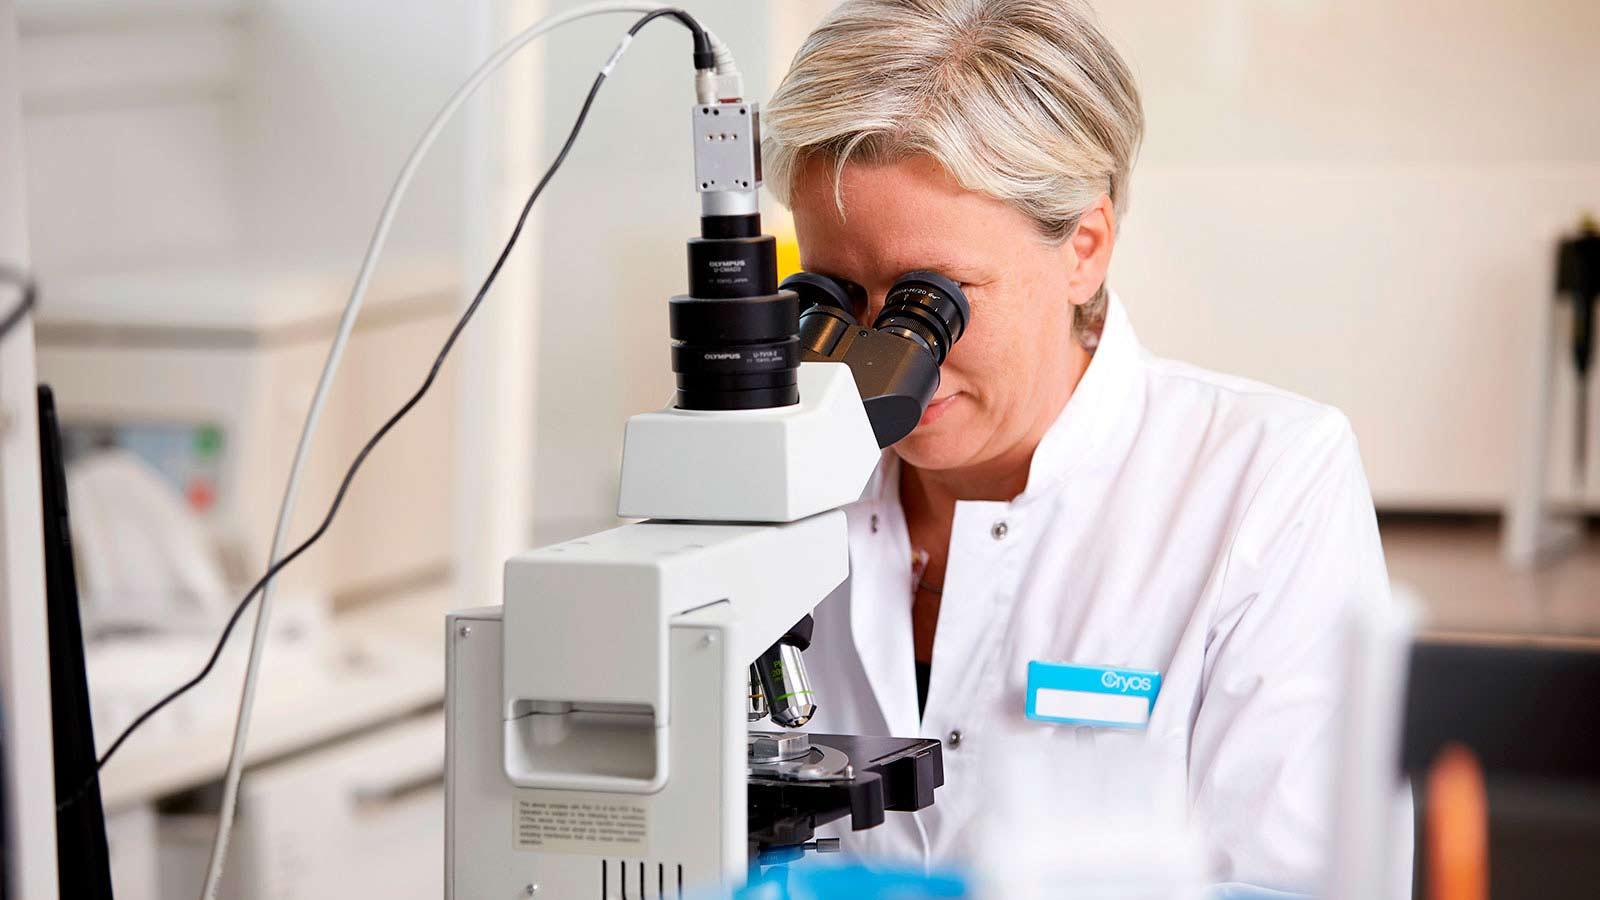 Técnico de laboratorio de Cryos evaluando con un microscopio la calidad de una muestra de esperma de donante